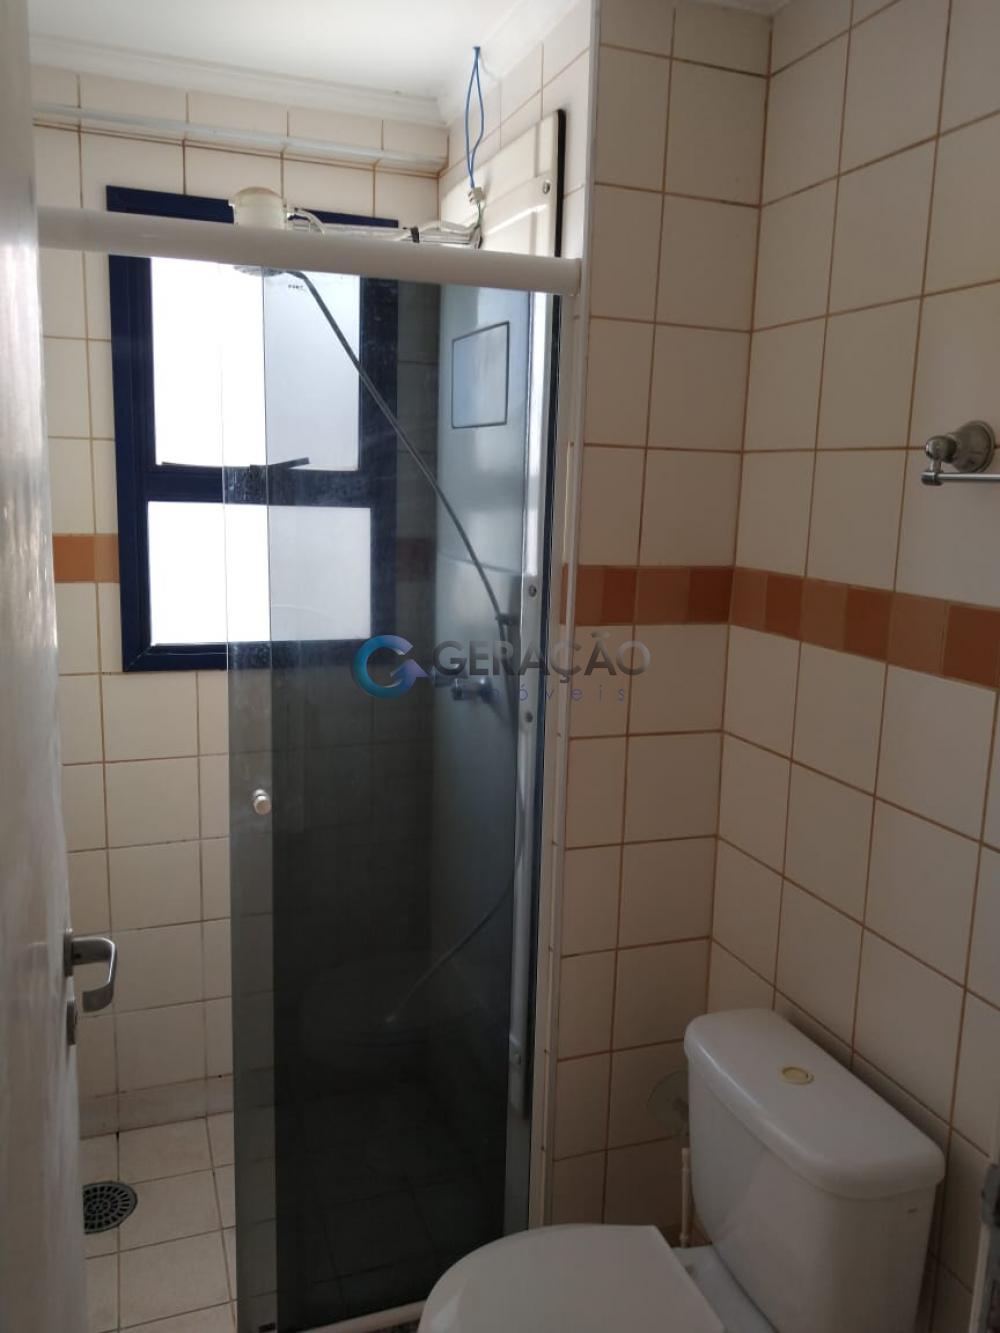 Alugar Apartamento / Padrão em São José dos Campos apenas R$ 1.050,00 - Foto 11